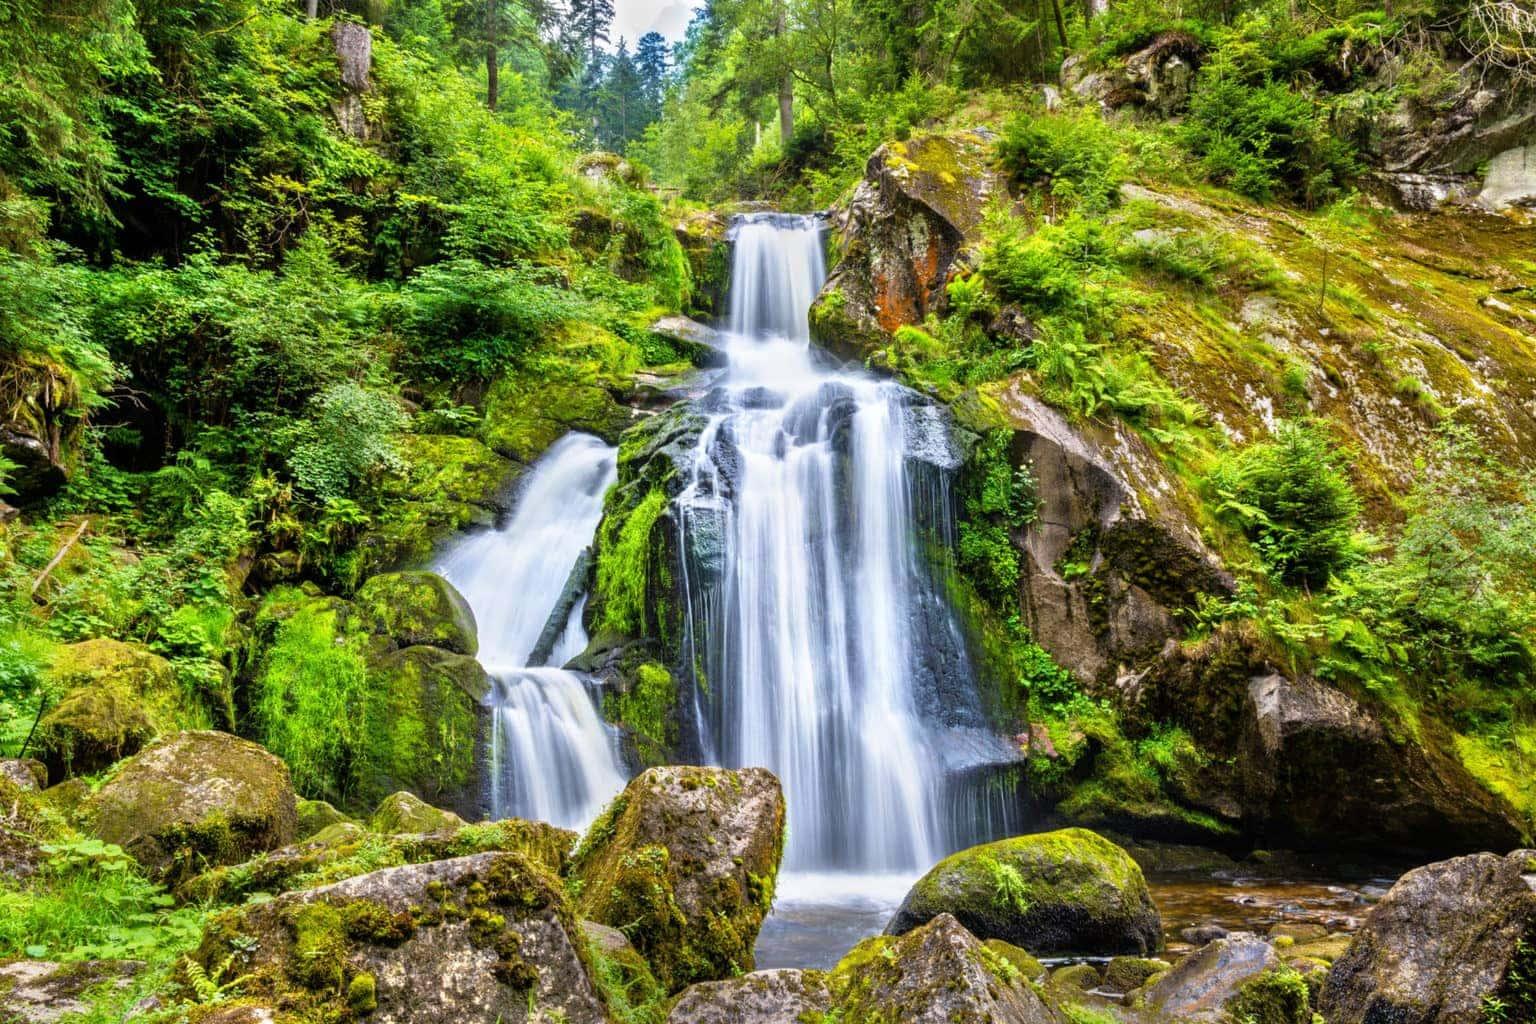 De Triberger Watervallen in het Zwarte Woud behoren tot de natuurwonderen